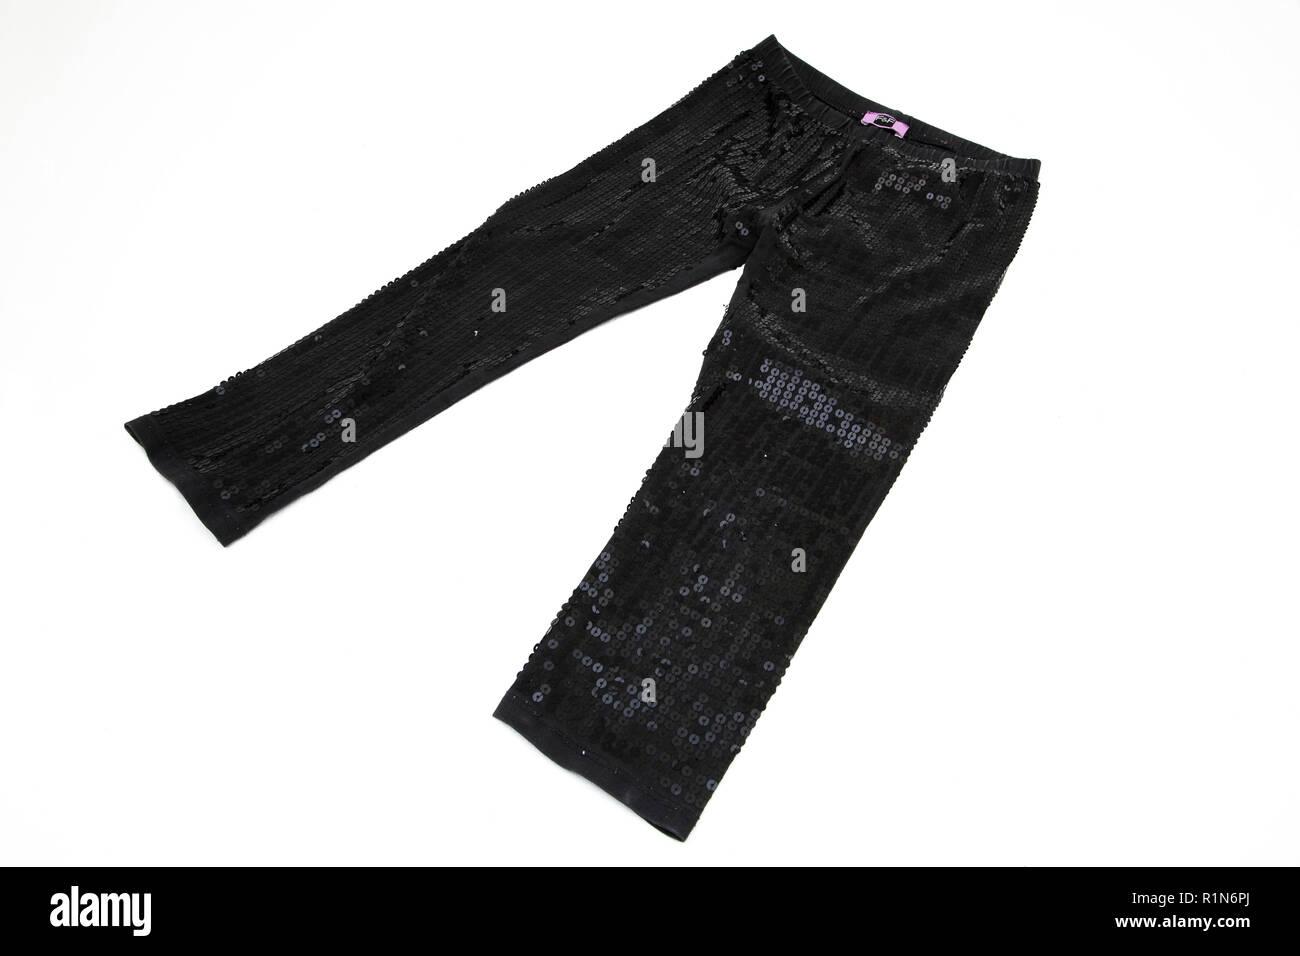 Child's Black Sequinned Leggings - Stock Image